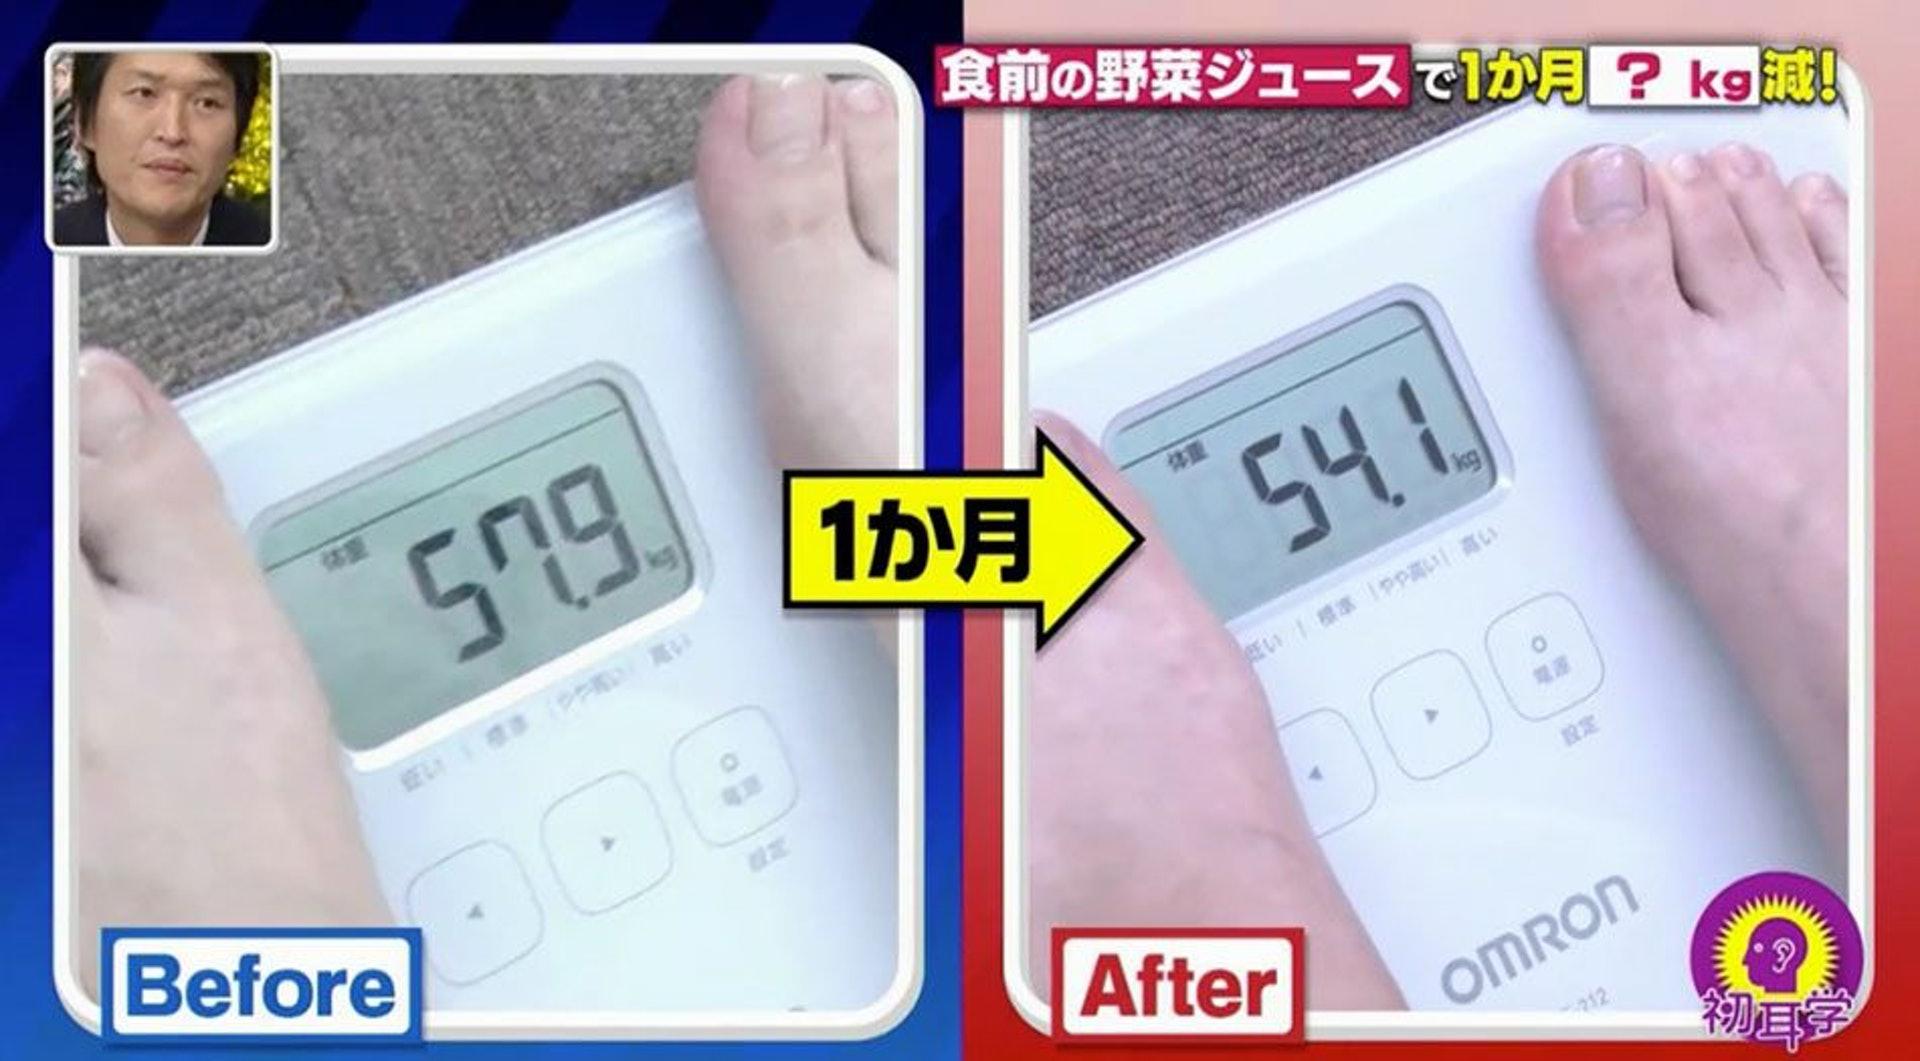 維持一個月之後,女生再上磅,體重由57.9kg減至54.1kg,足足輕了3.8kg!(日本電視台MBS節目《林先生が驚く 初耳学》截圖)